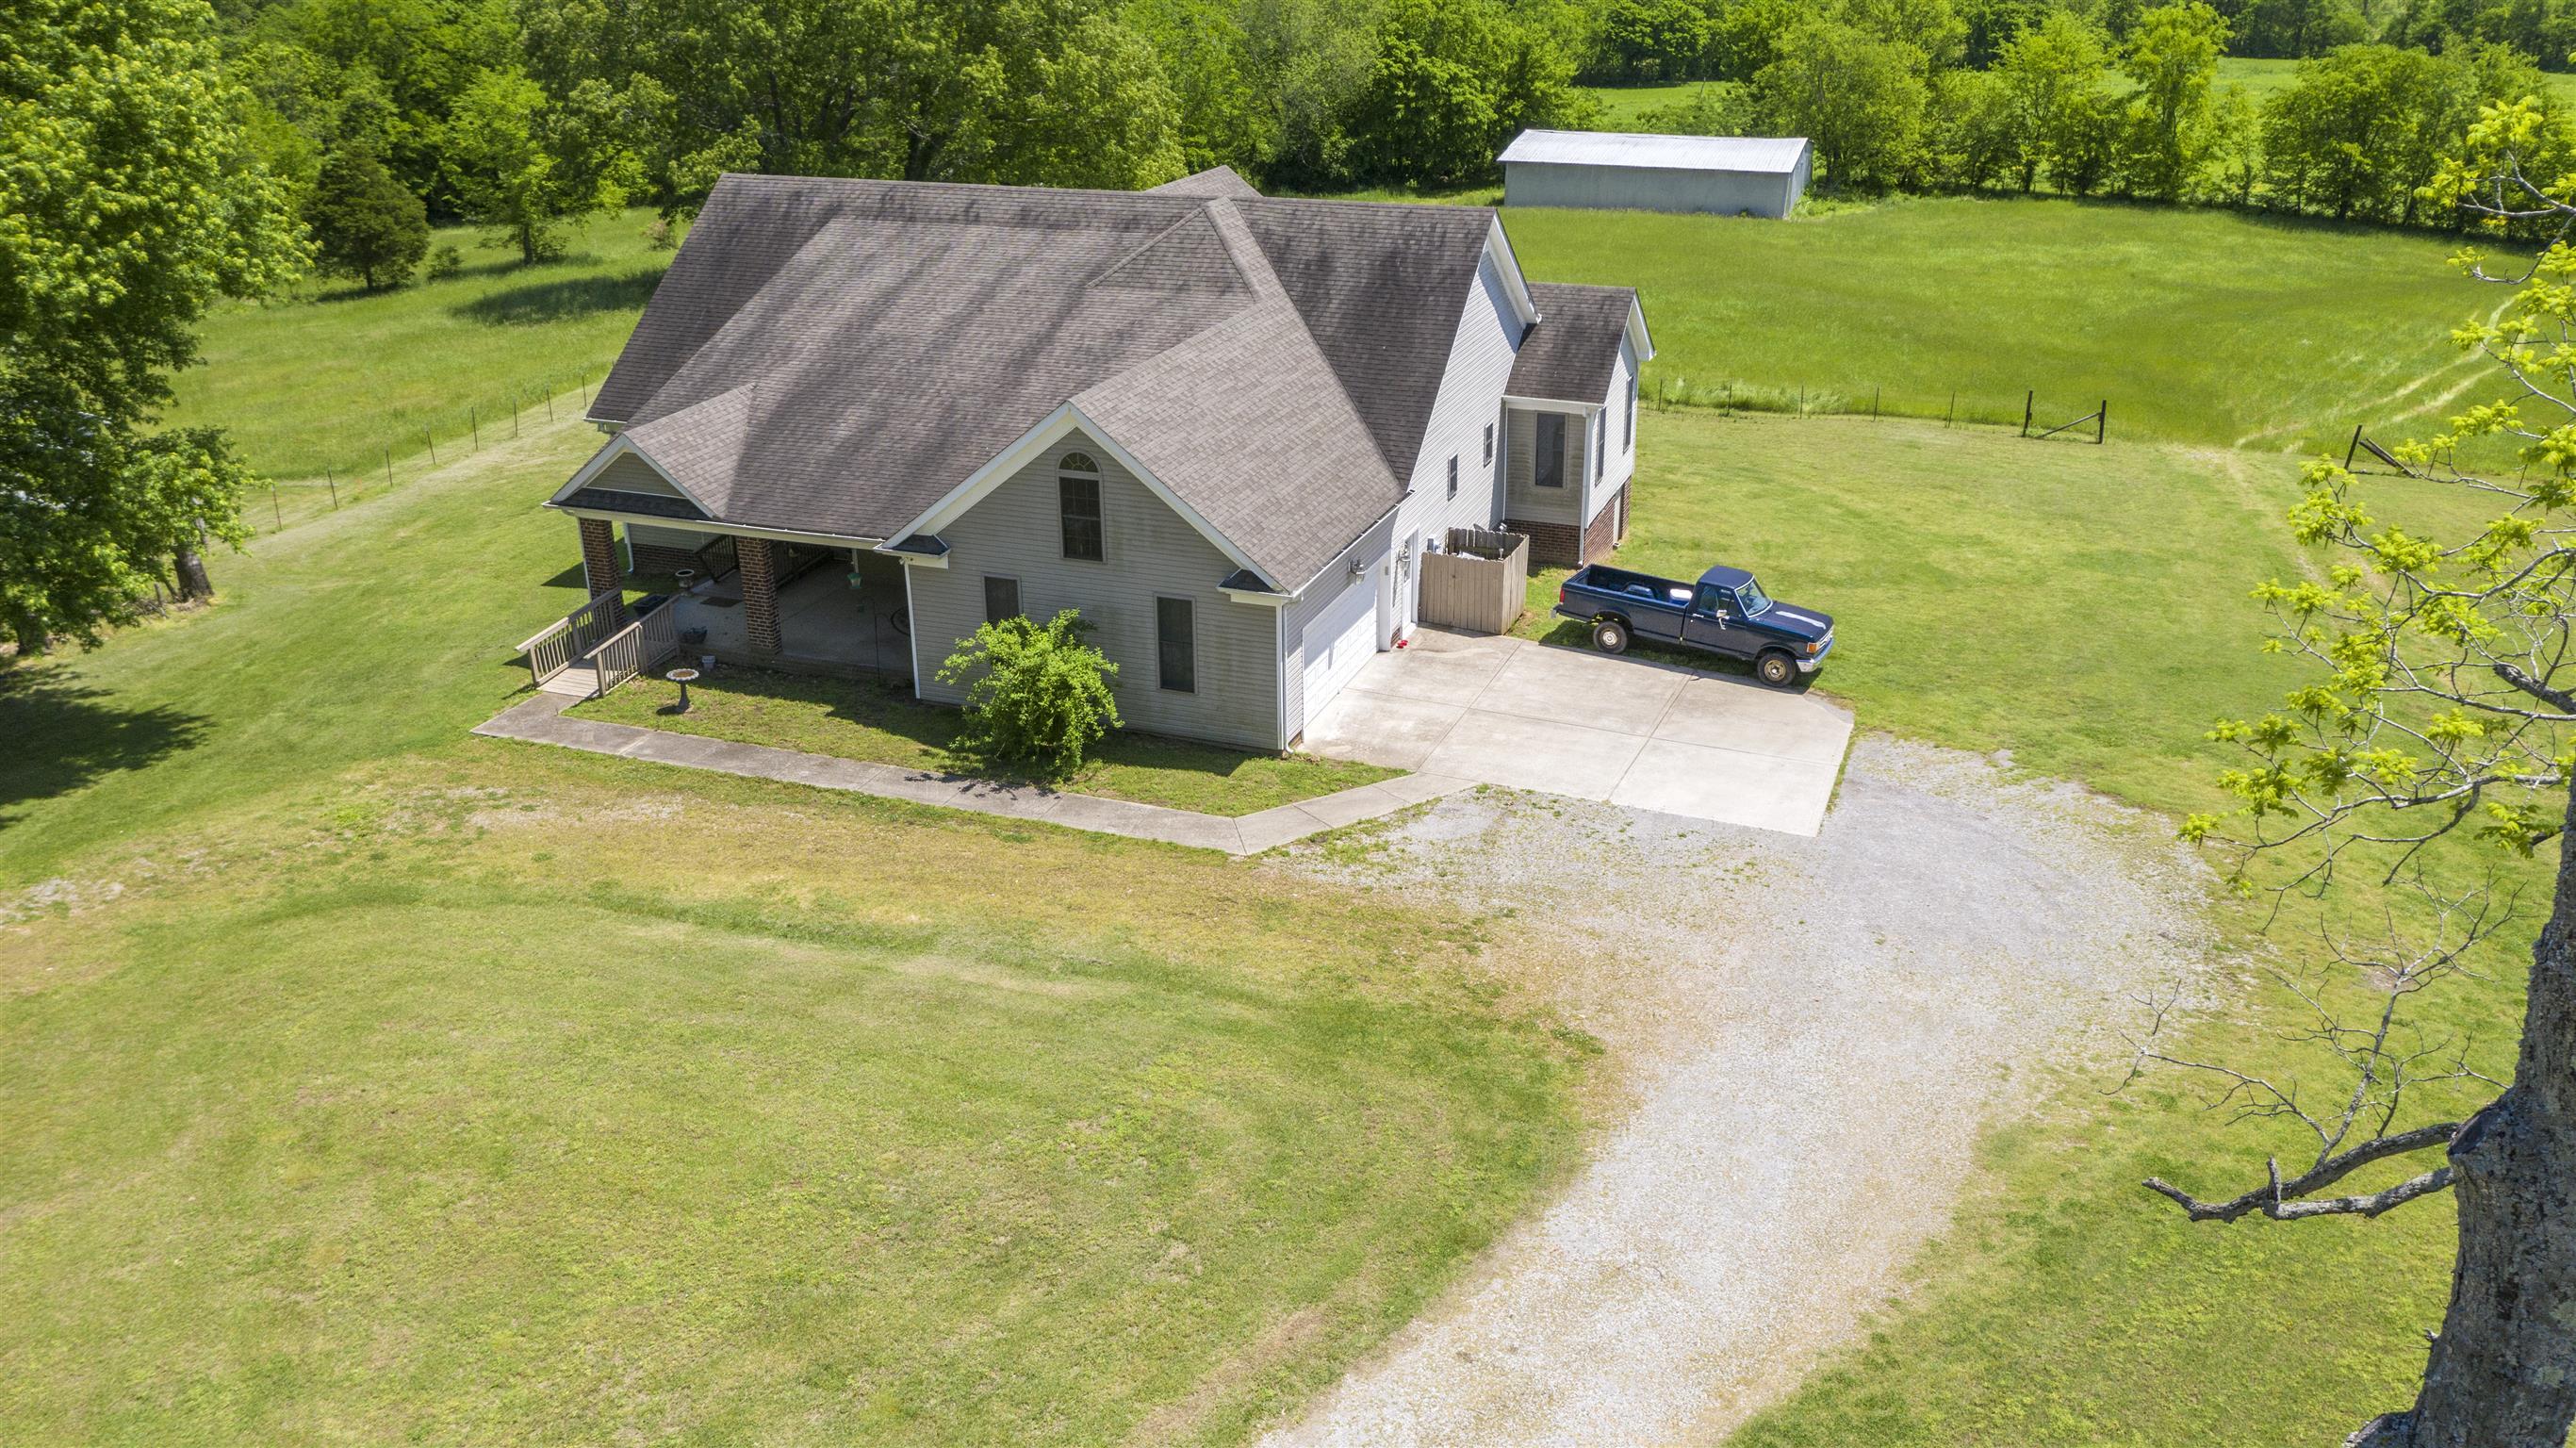 2412 Rawlings Rd, Woodlawn, TN 37191 - Woodlawn, TN real estate listing